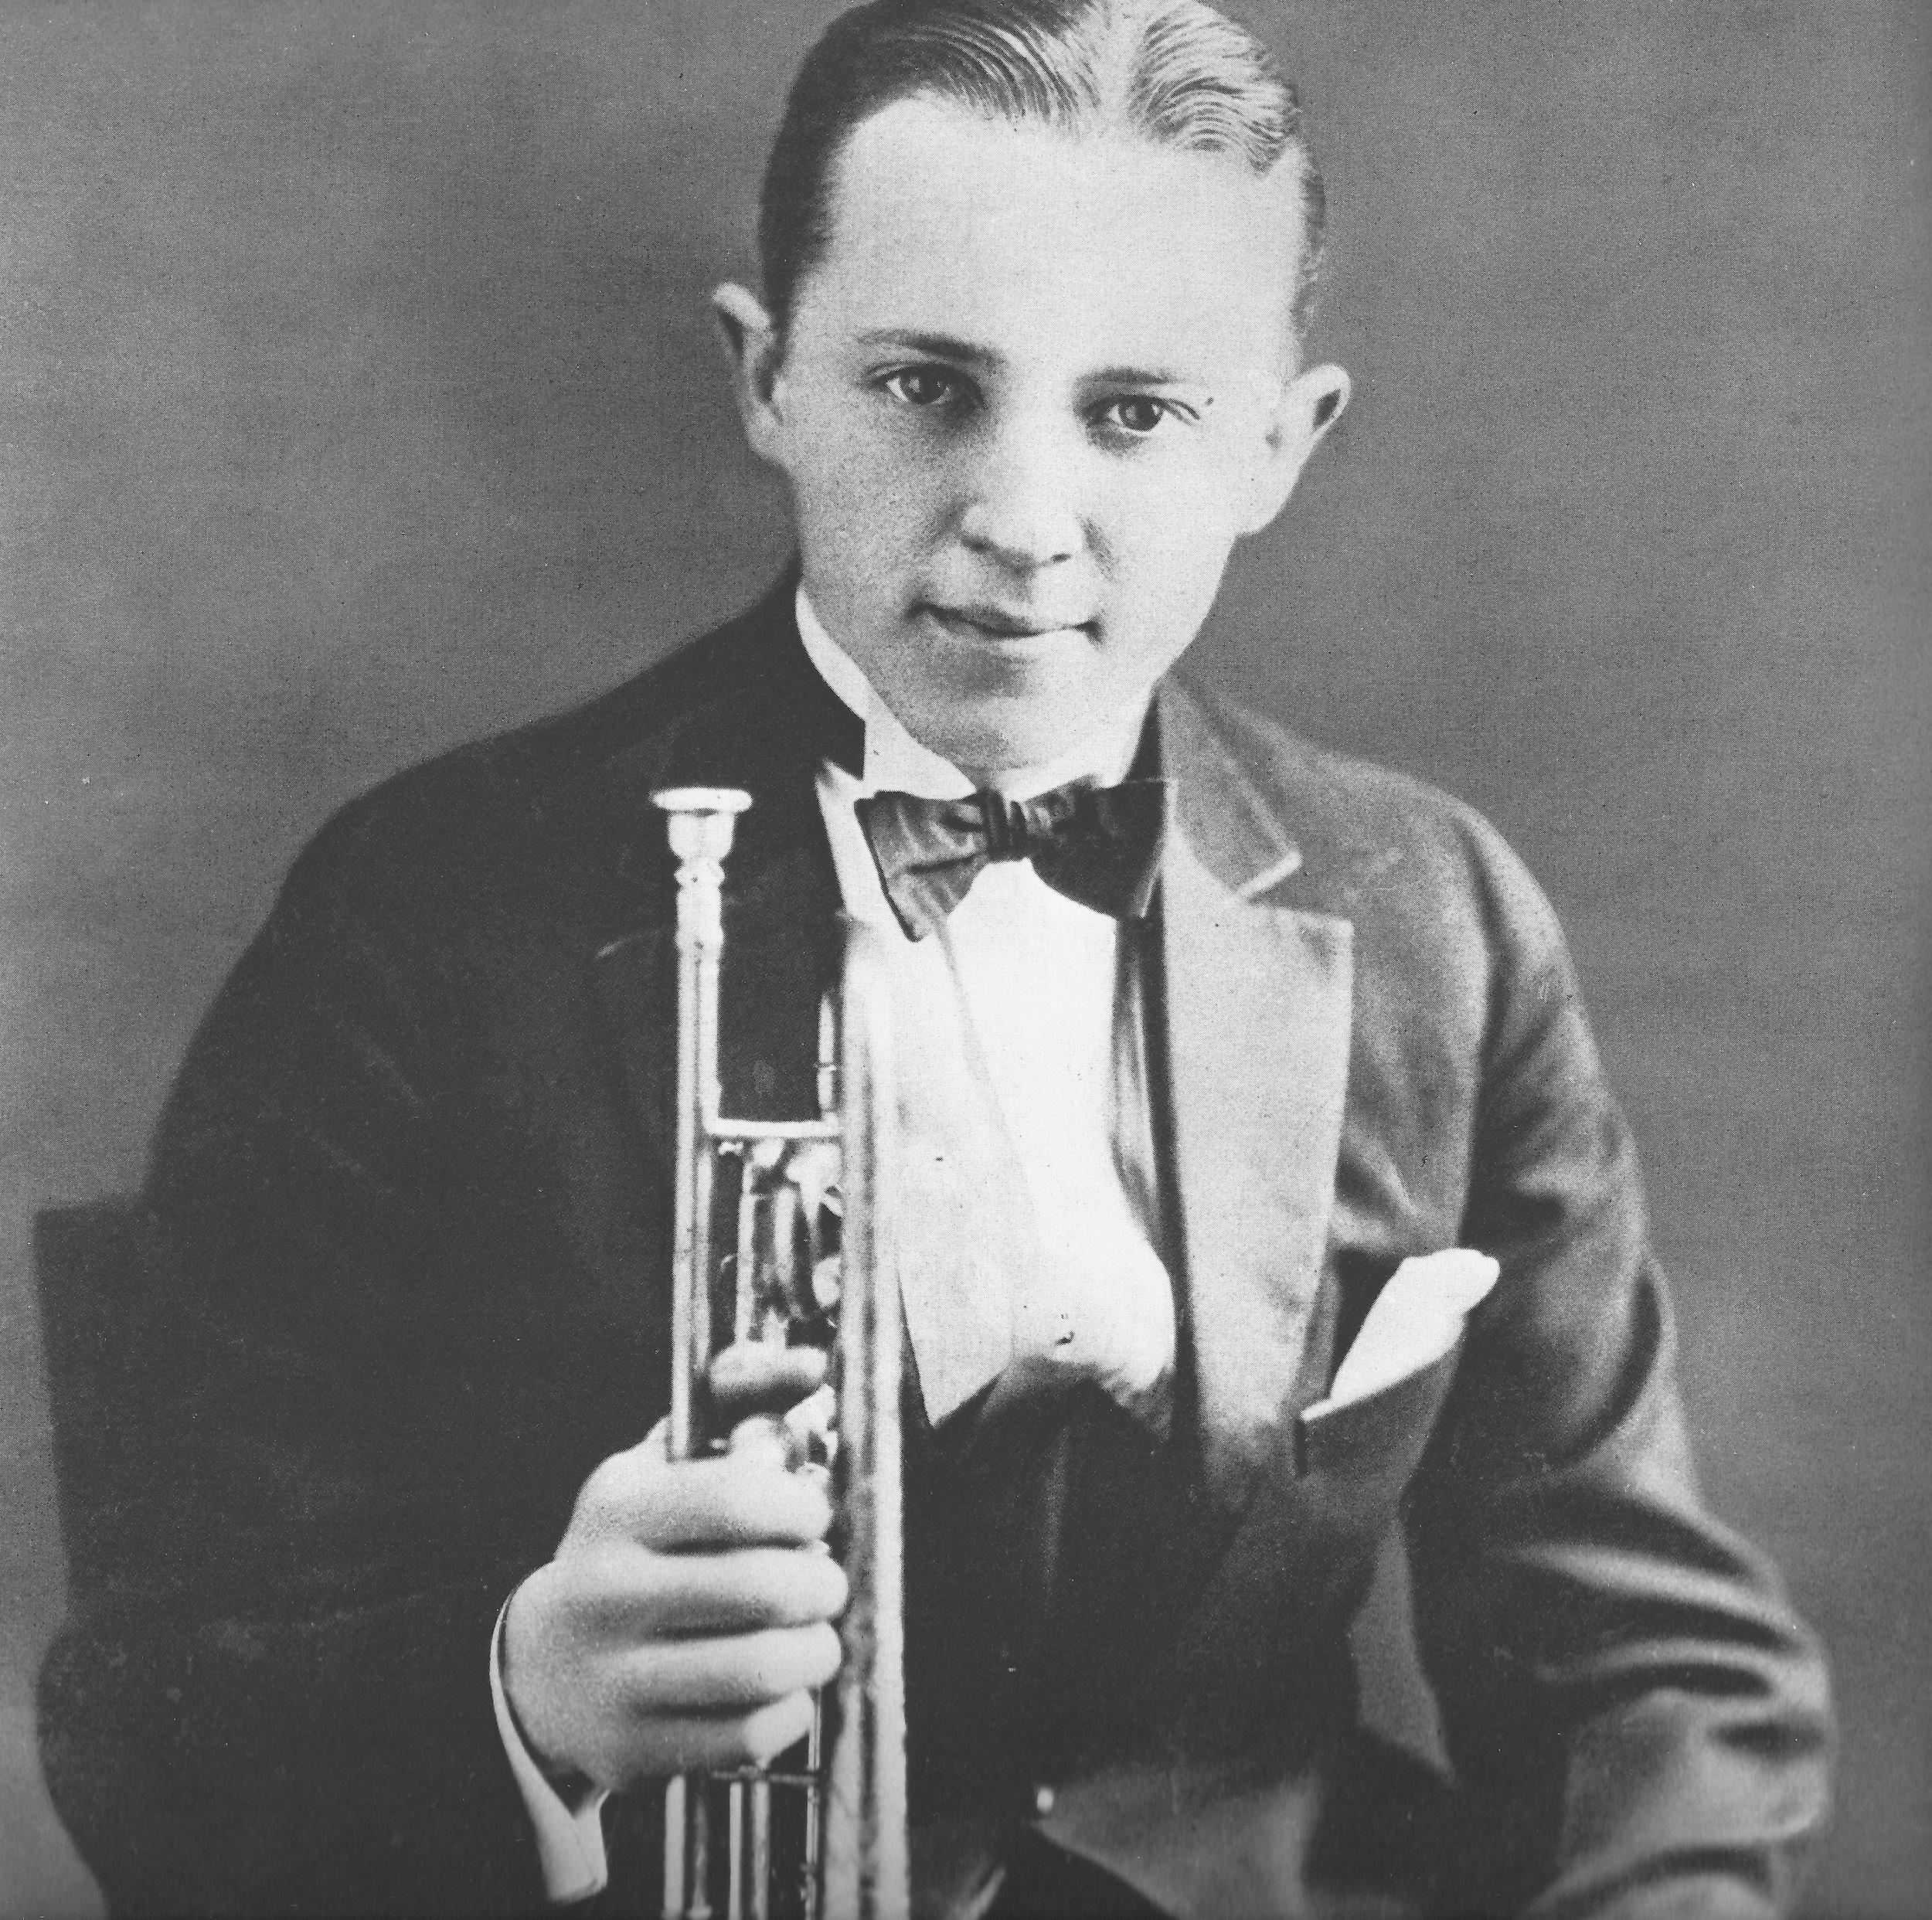 Bix Beiderbecke (1924-1930)